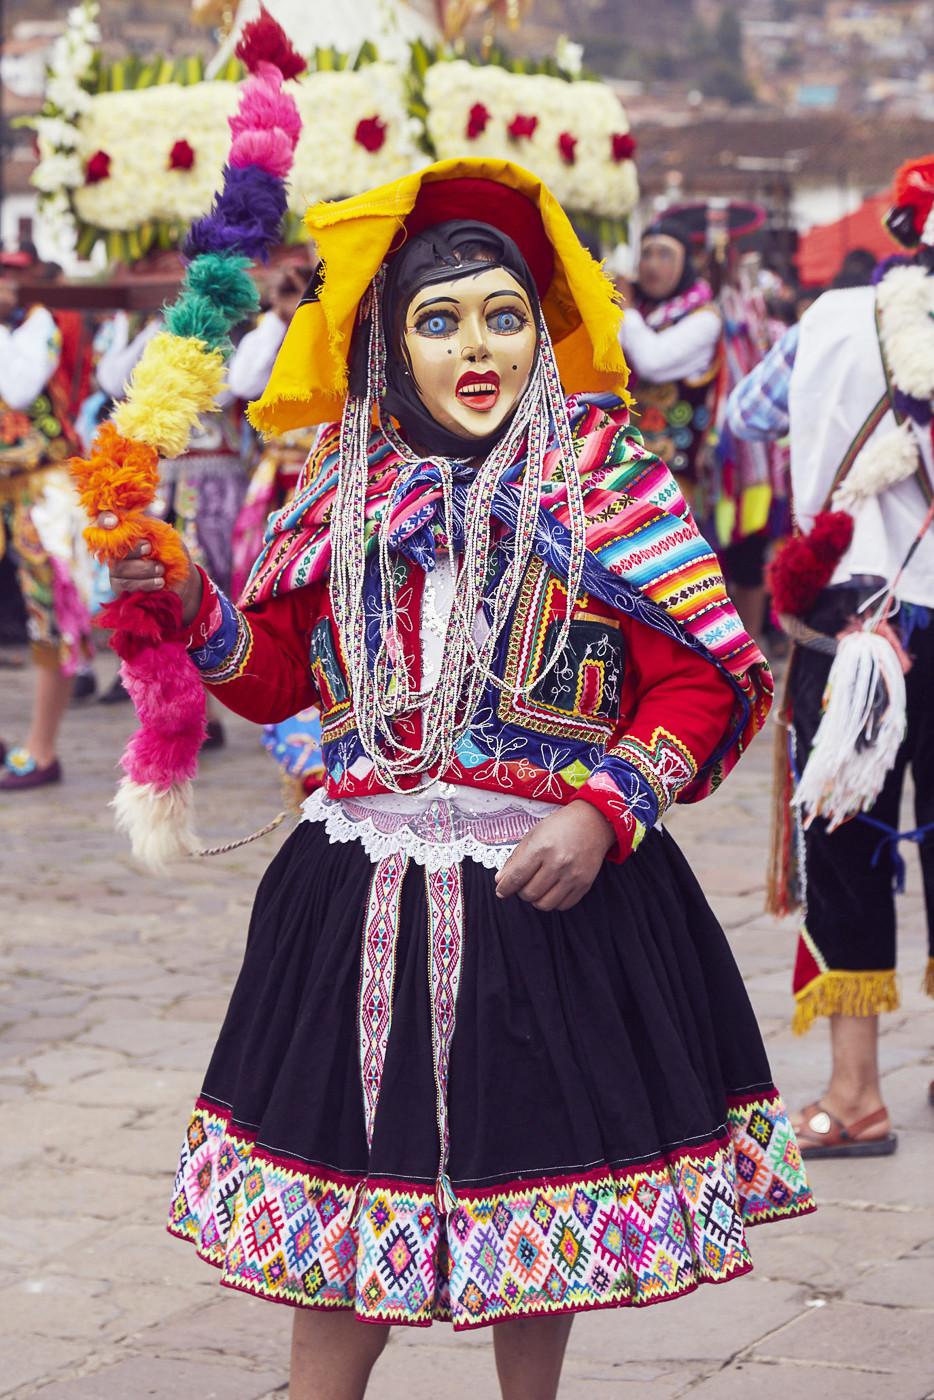 bemalte Masken oder Masken aus Stoff werden vielfach getragen. Die Tänzer erzählen mit ihren Verkleidungen auch Geschichten